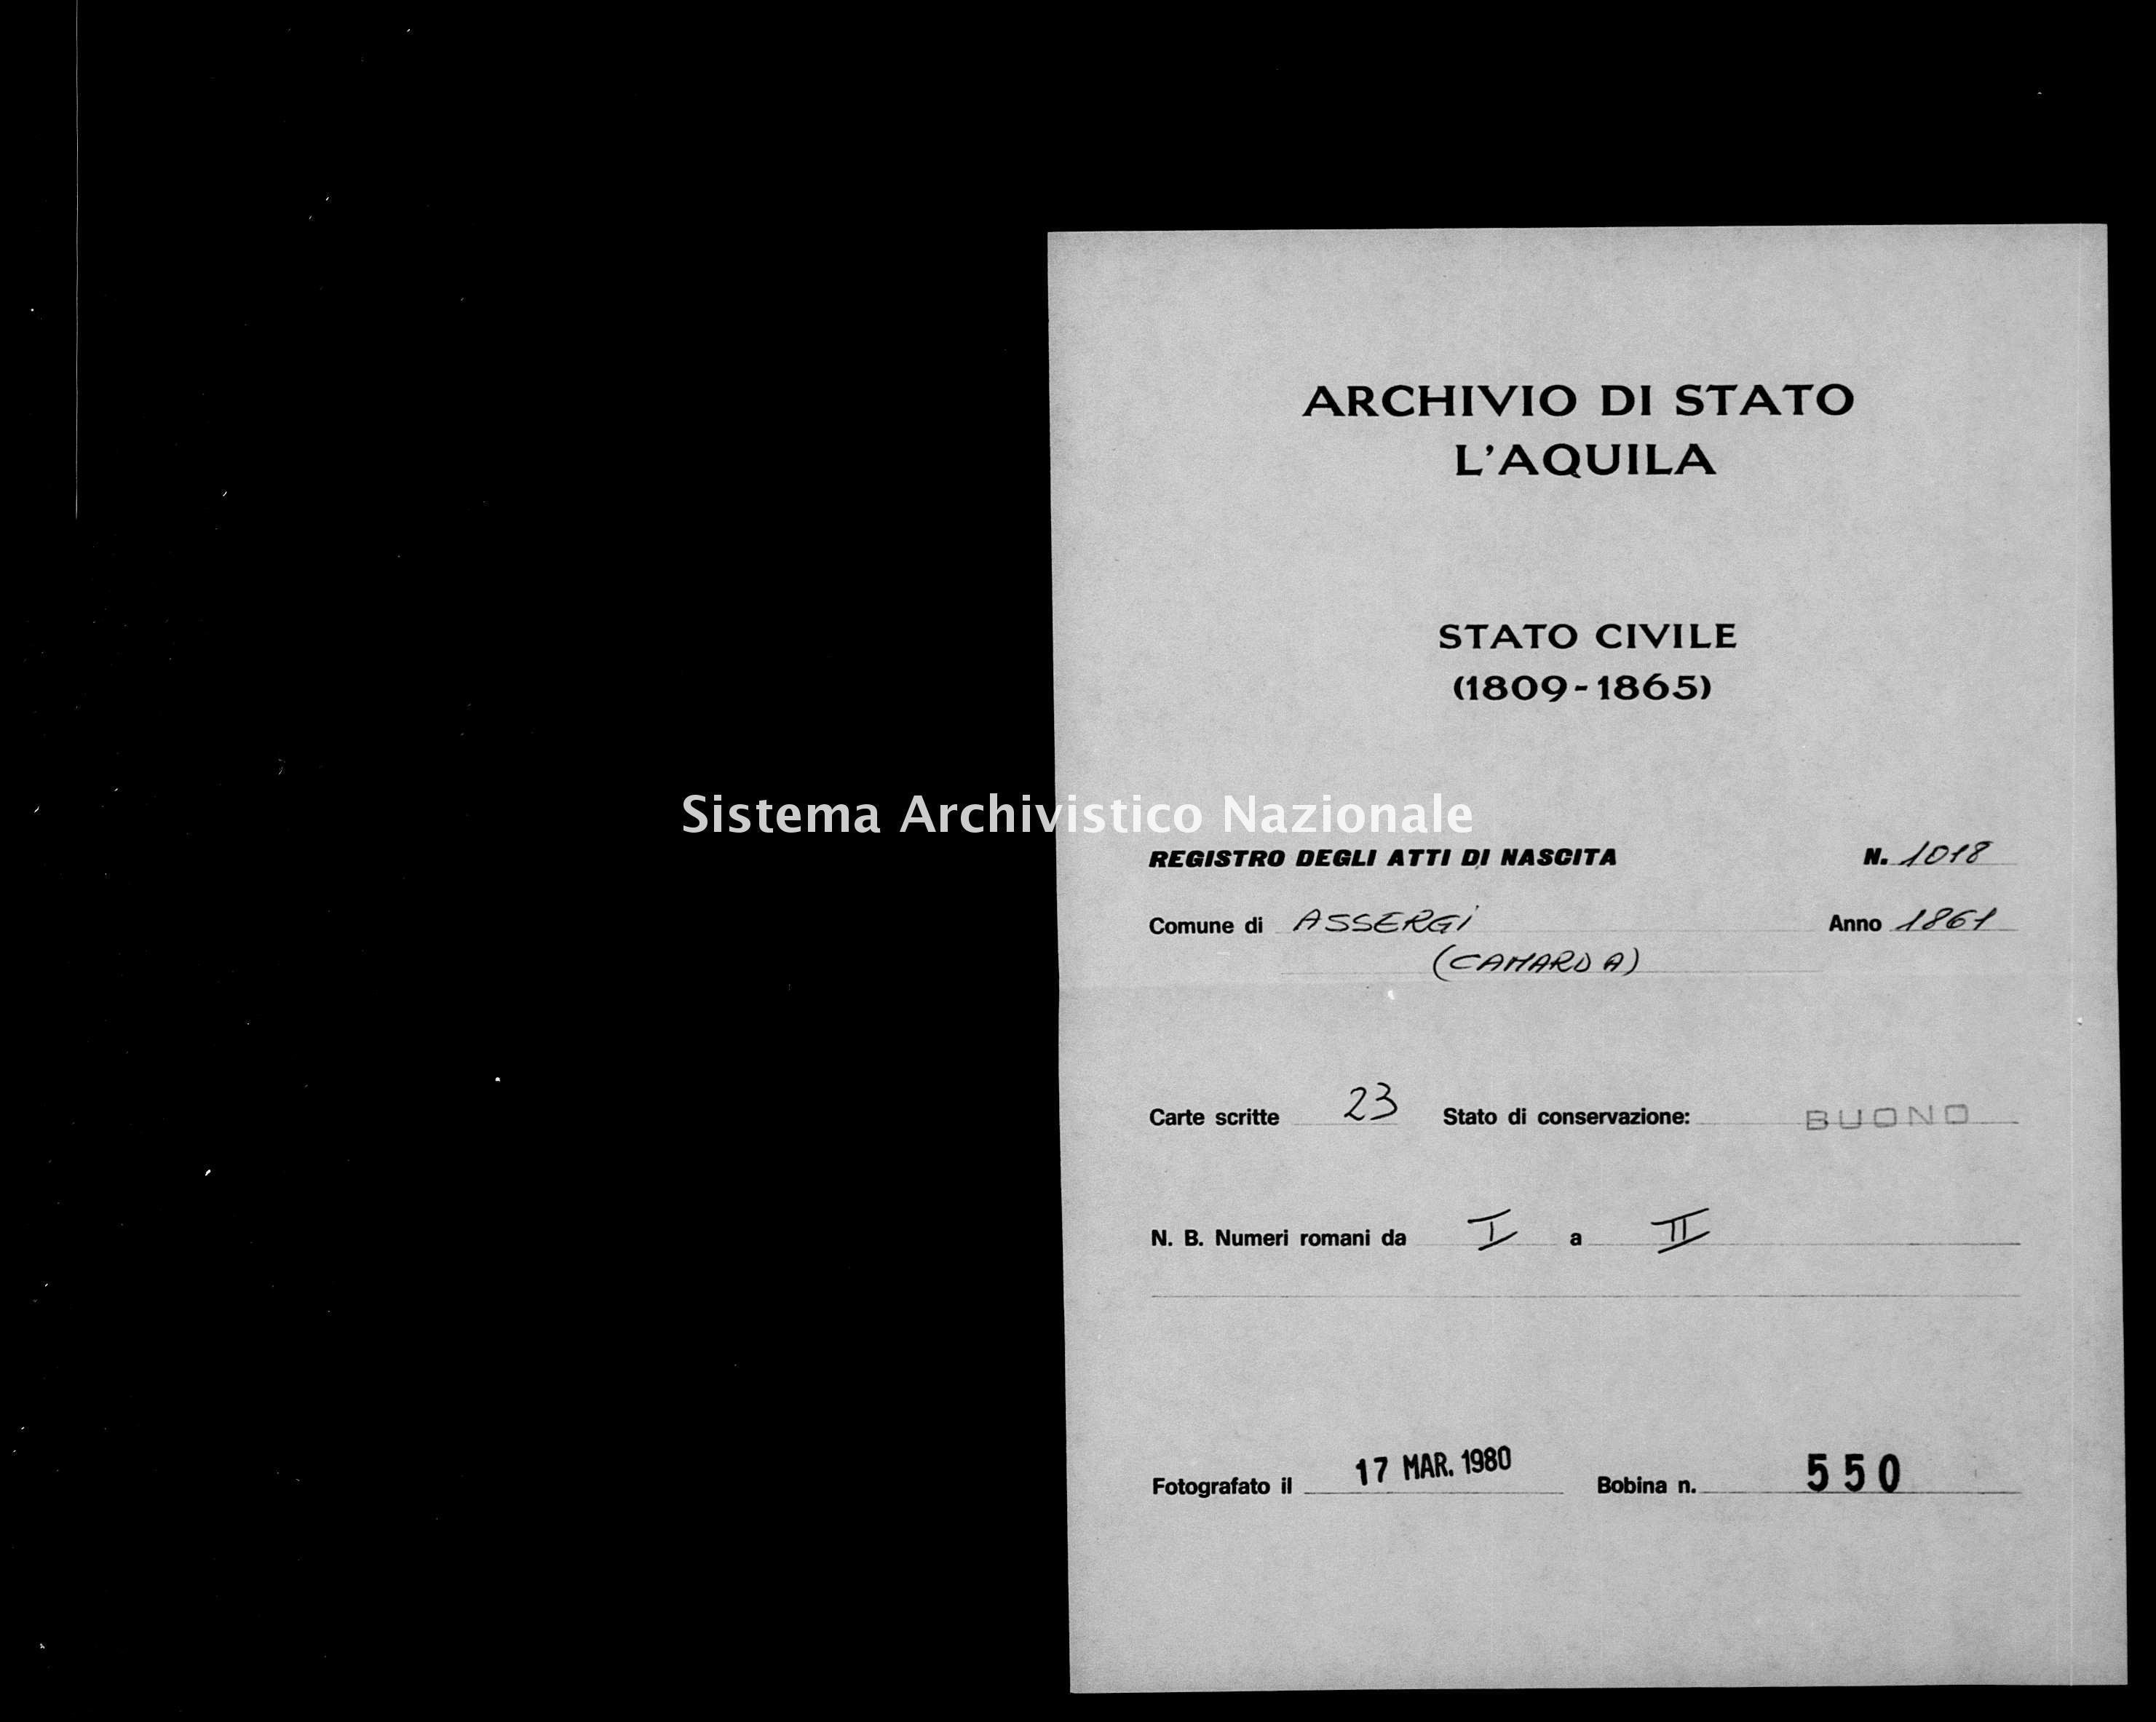 Archivio di stato di L'aquila - Stato civile italiano - Assergi - Nati - 1861 - 1018 -